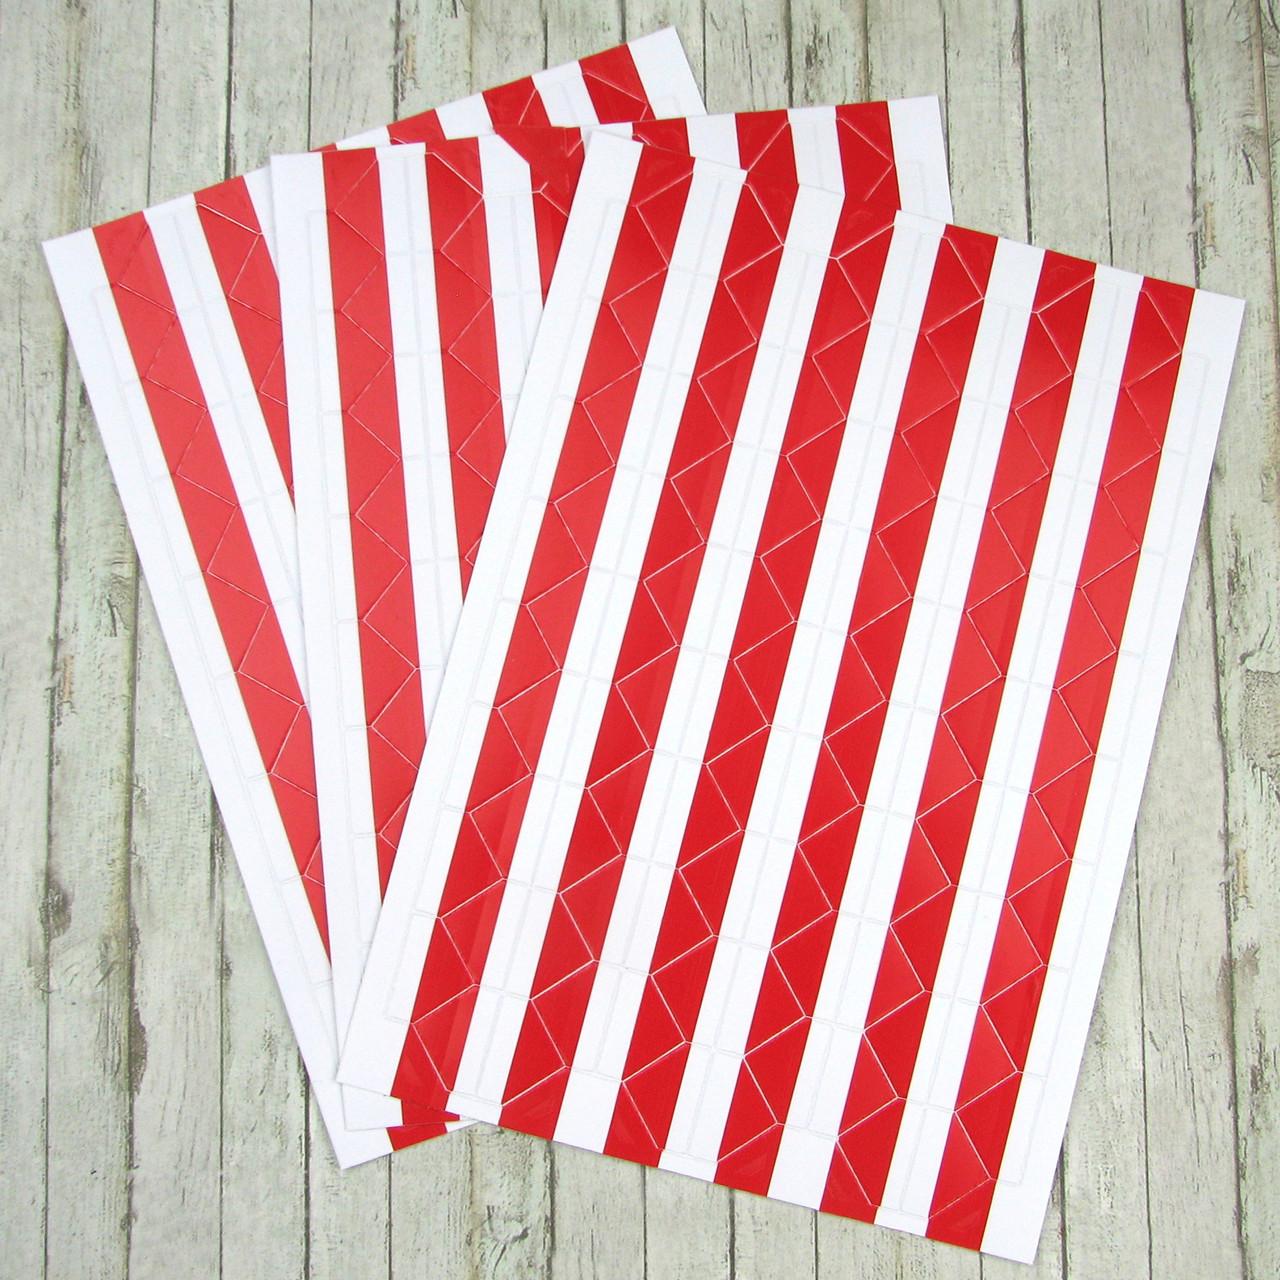 Уголки для фотографий, самоклеющиеся на листе 102 уголка, красные